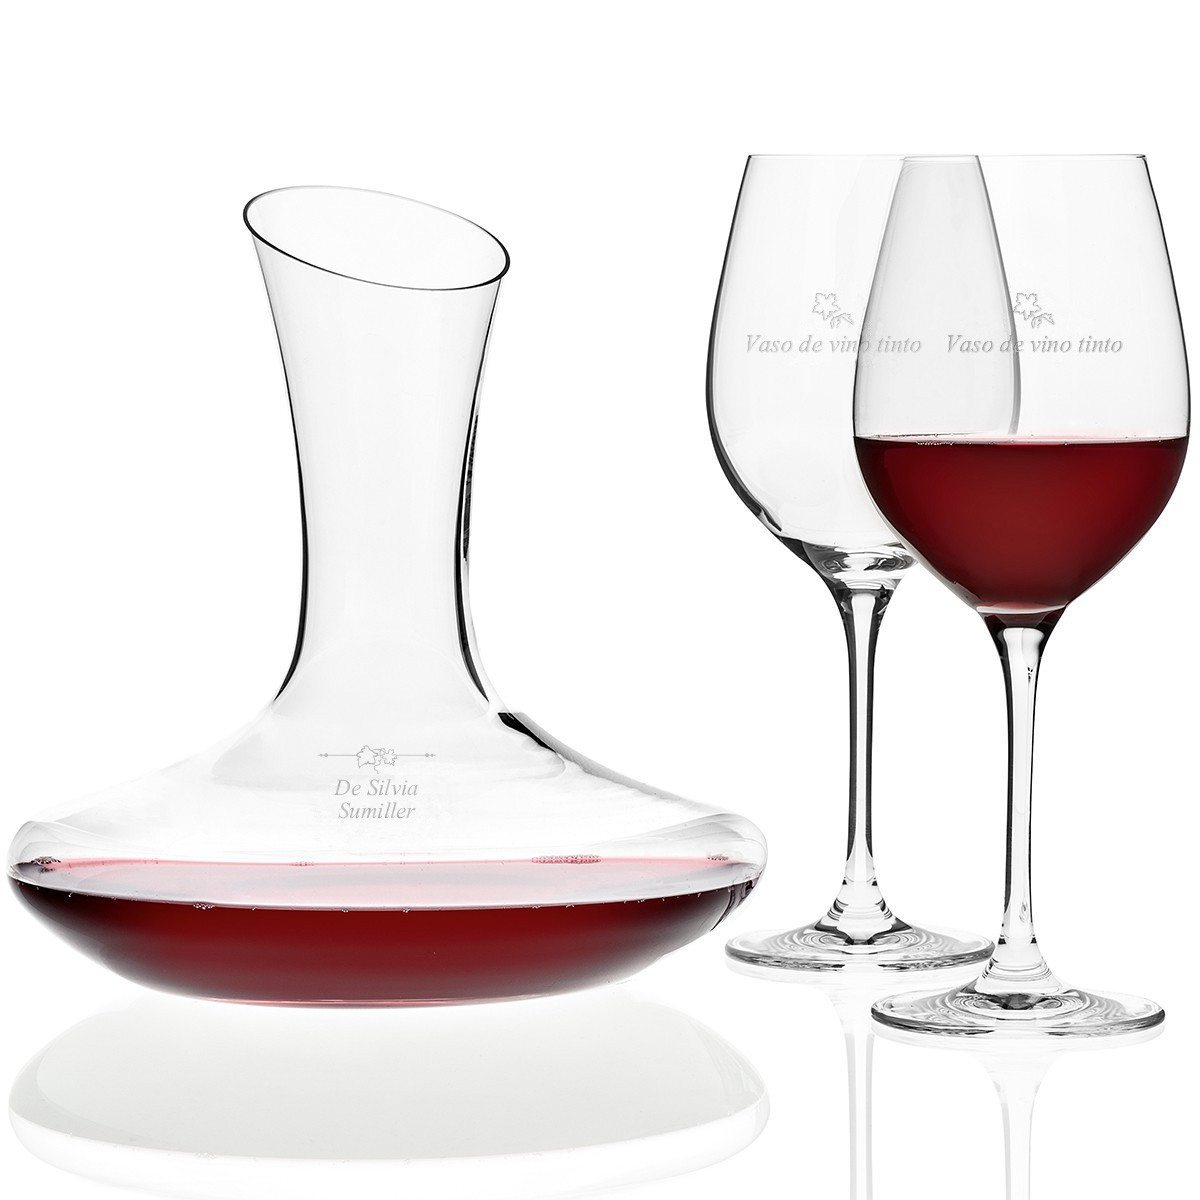 Set de vino tinto con grabado personalizable